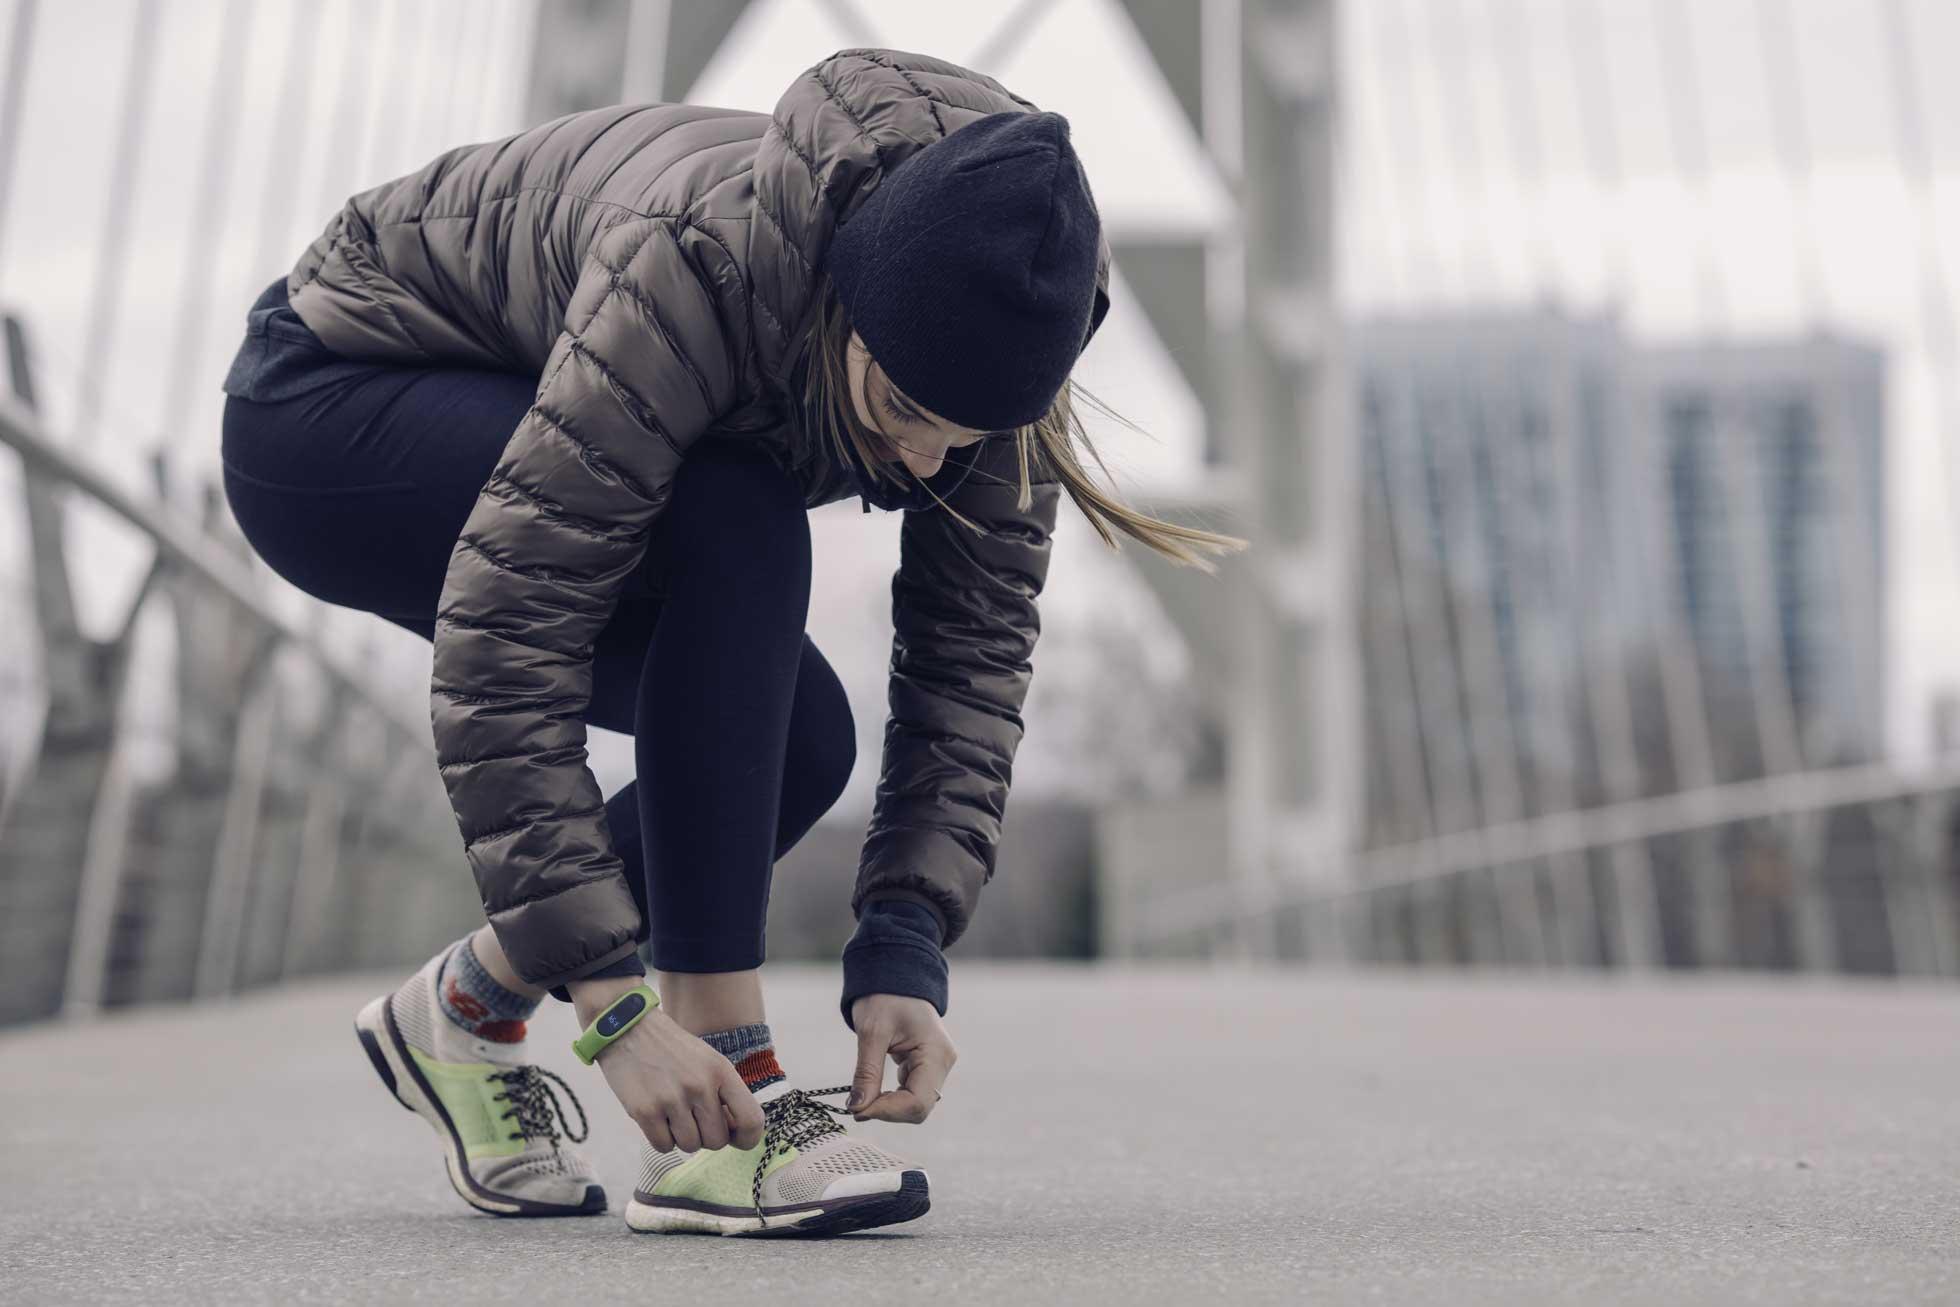 Περπάτημα - Ο σούπερ εύκολος τρόπος να κάψεις θερμίδες